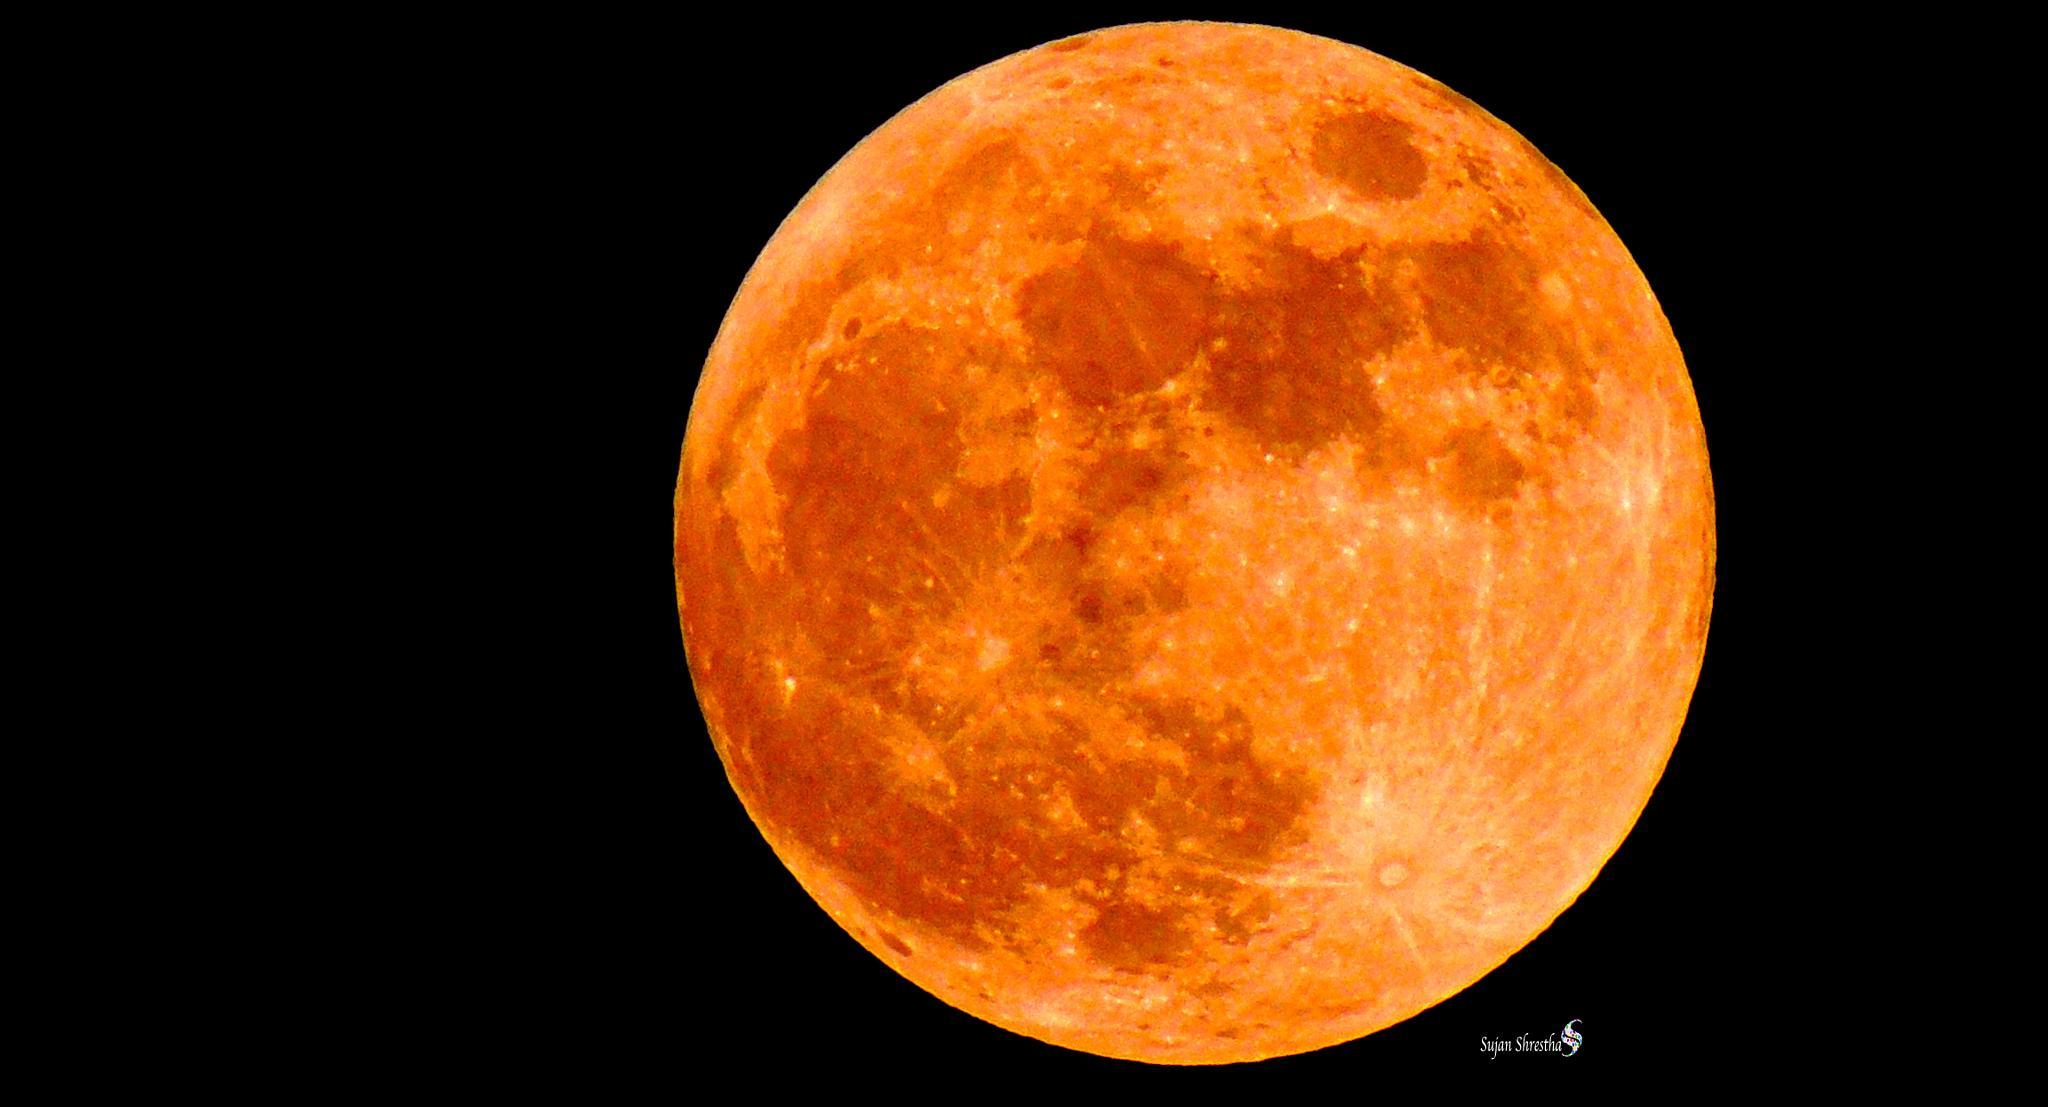 Full red moon by Sujan Shrestha